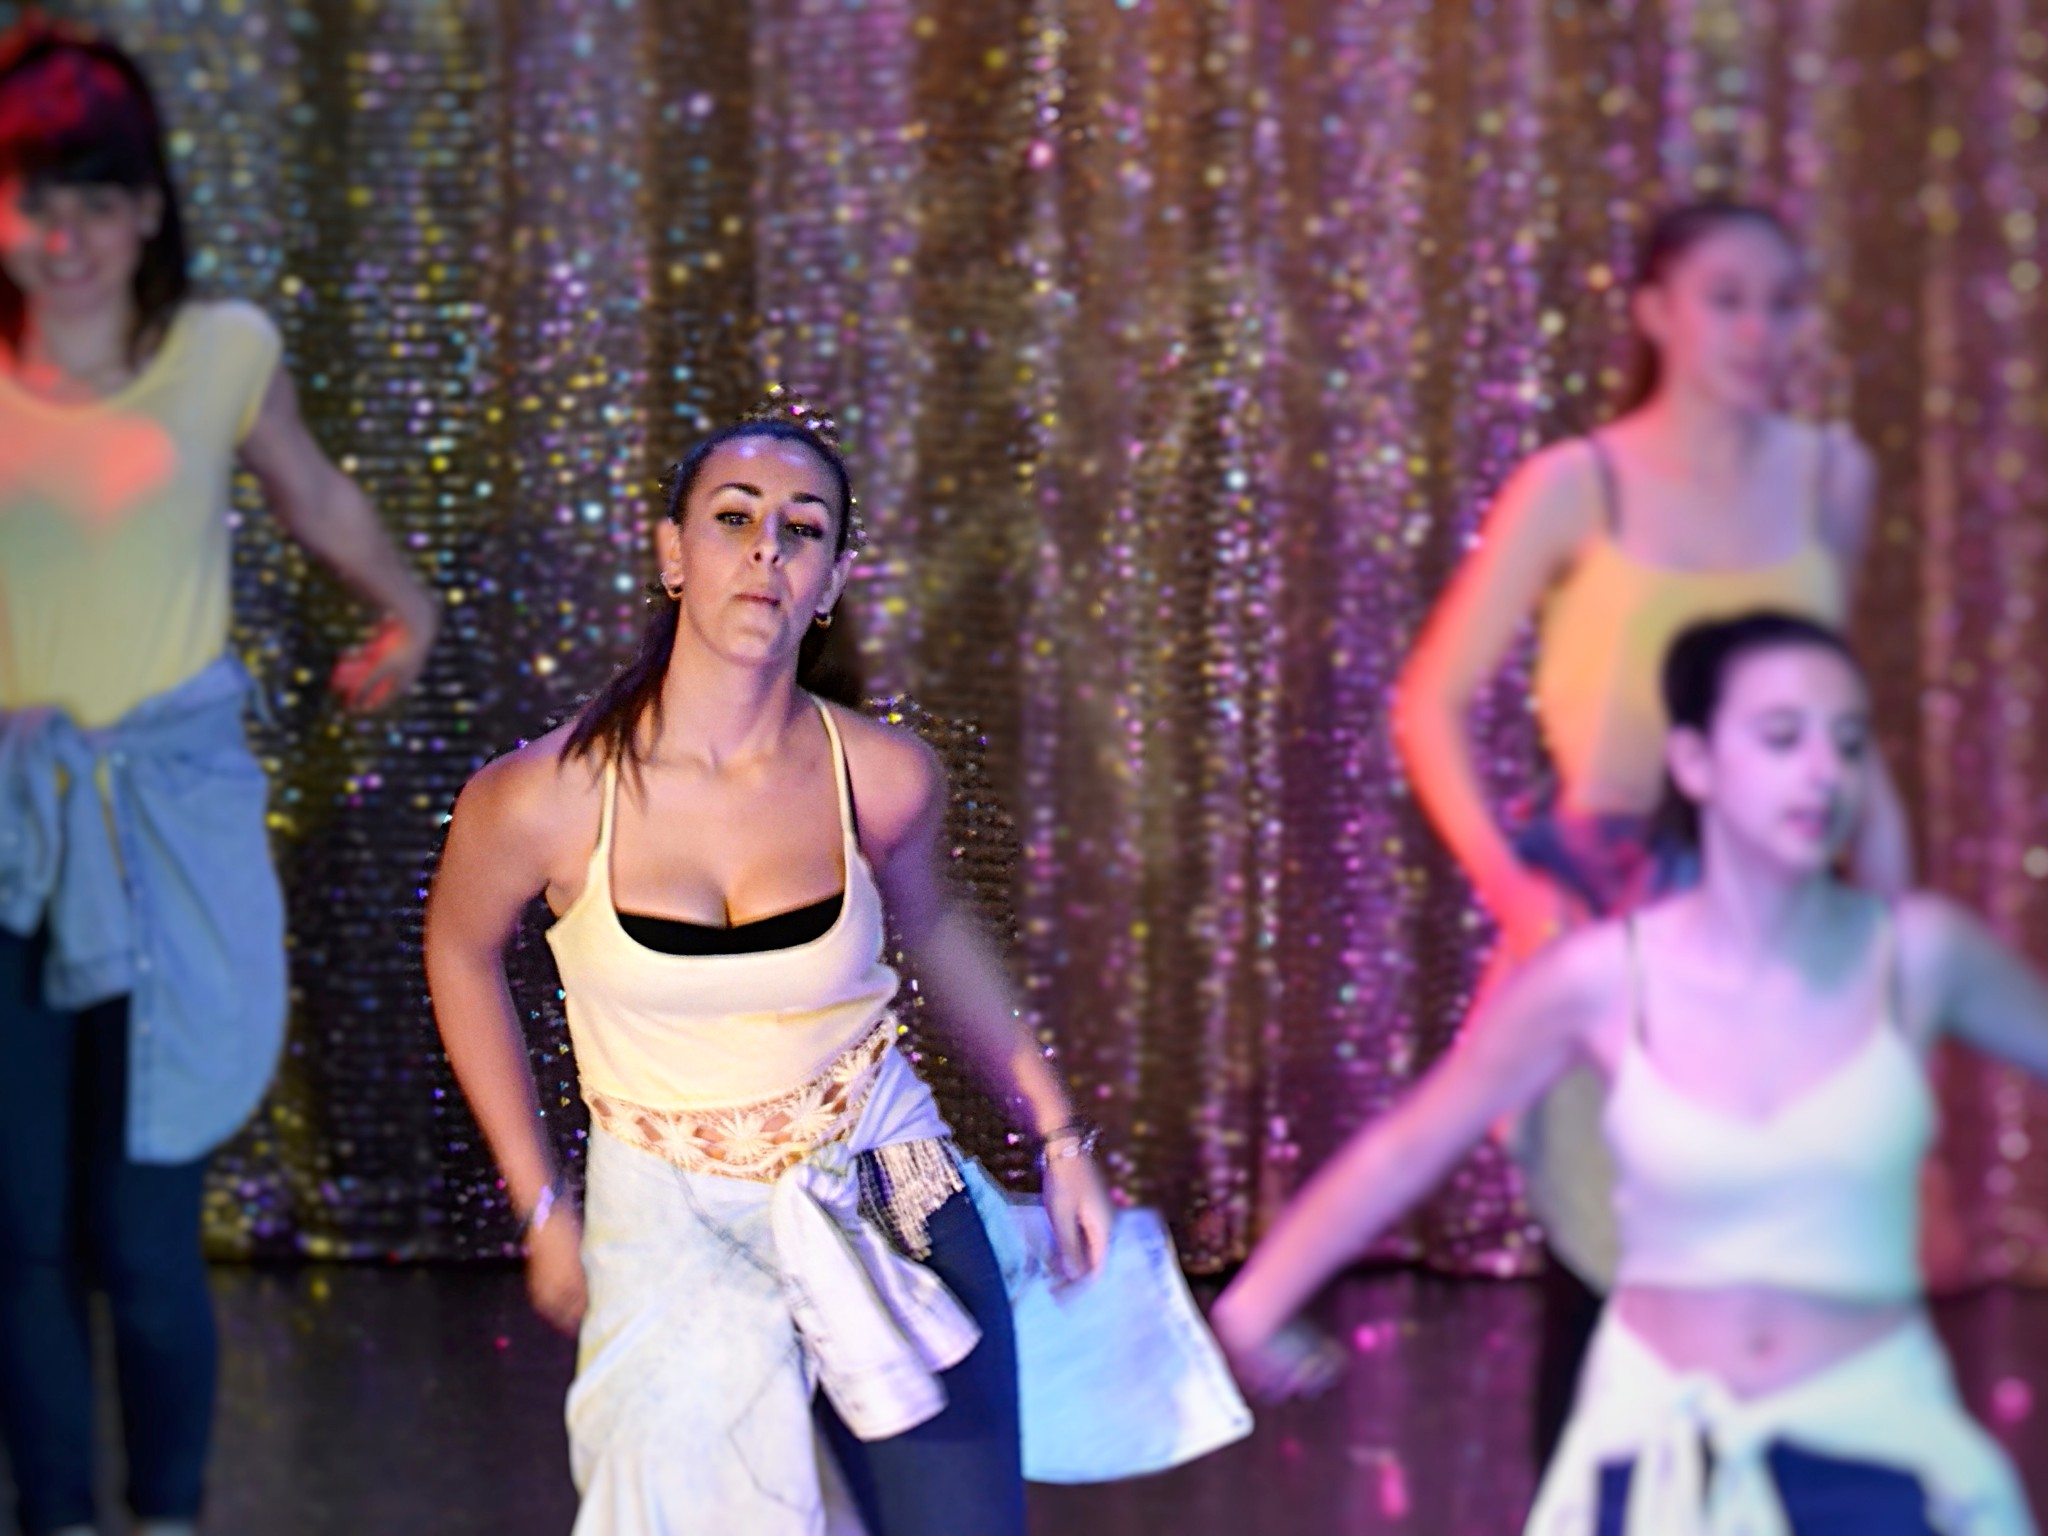 Linea-de-Baile-festival-verano-2015-clases-de-baile-valencia-117